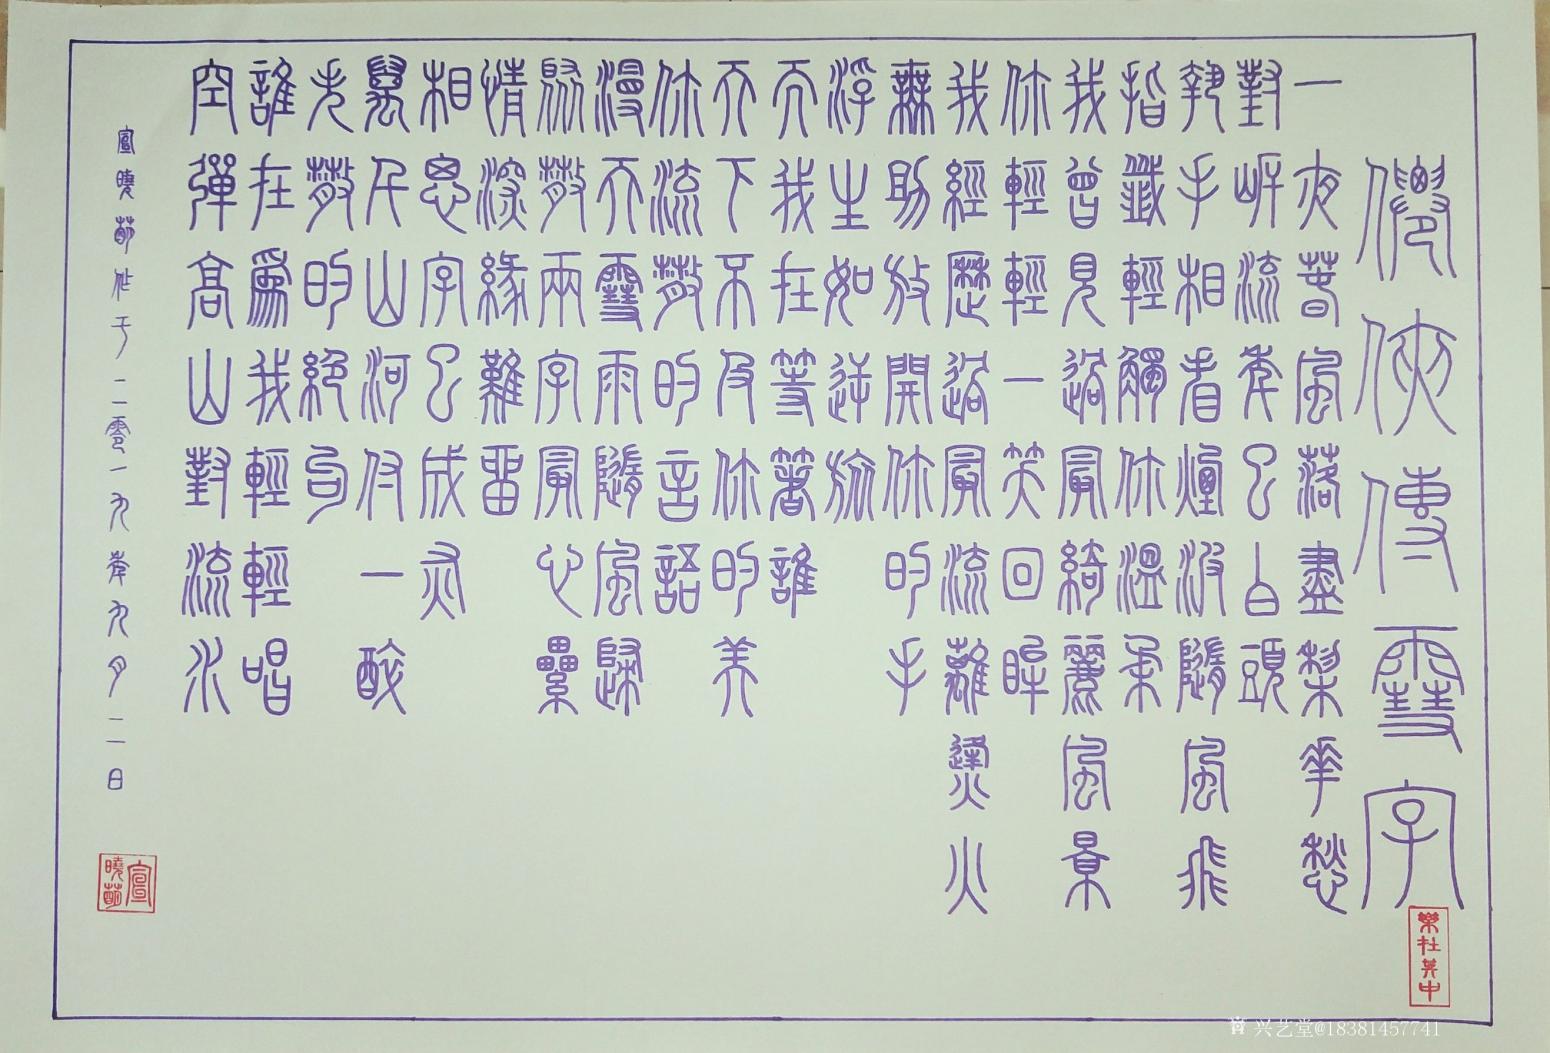 18381457741书法作品《仙侠传 雪字》